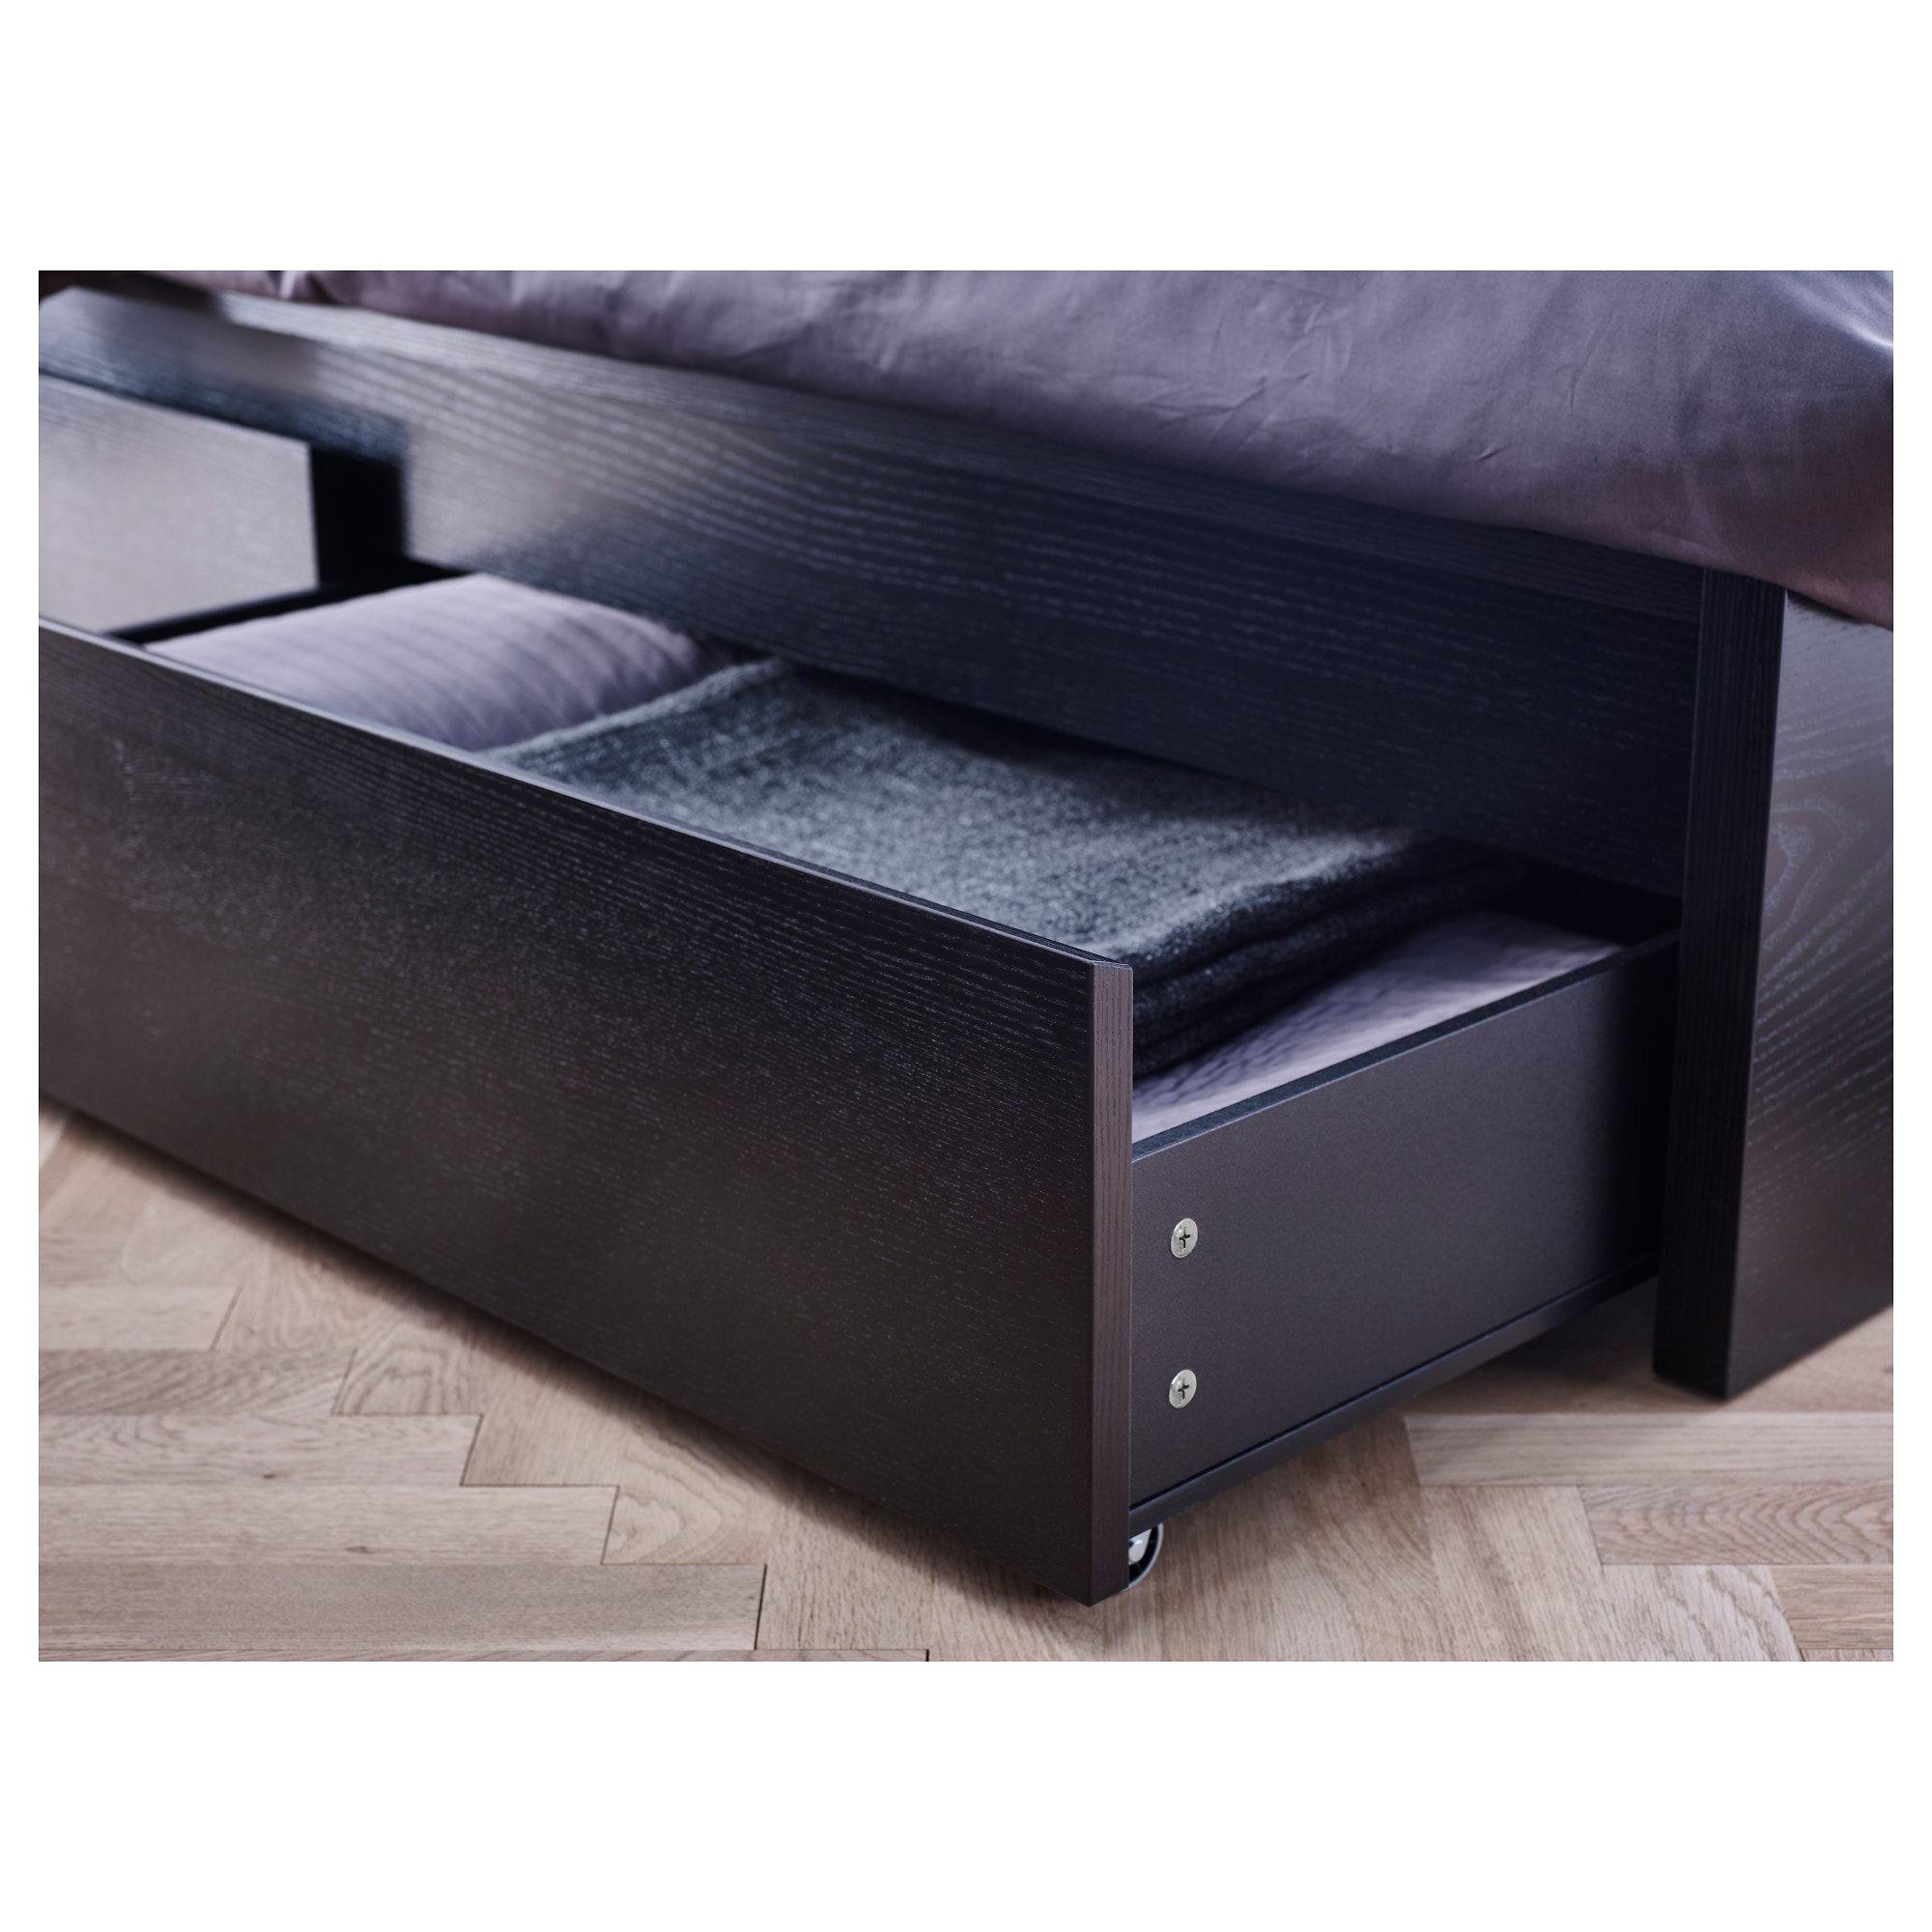 Malm Bed Frame High W 2 Storage Boxes Black Brown 160x200 Cm Ikea Em 2020 Armazenamento De Cama Estrado De Cama Caixas De Armazenamento